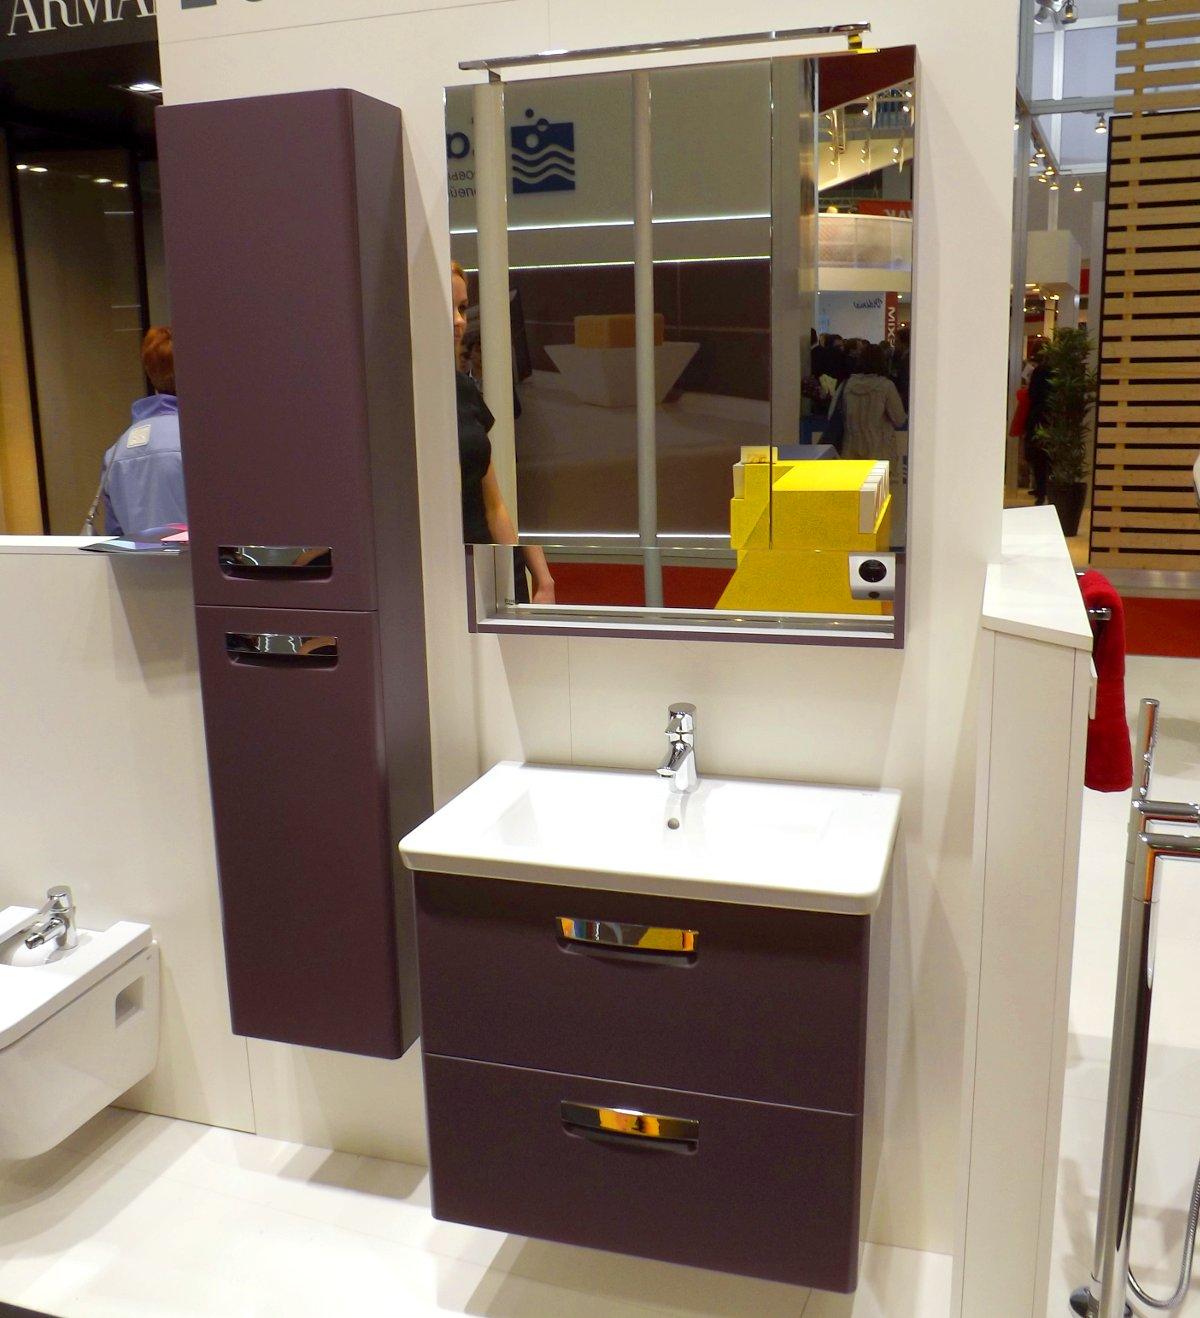 Демонстрация комплектов мебели и сантехники для ванной из коллекции Roca GAP на выставке МосБилд-2013